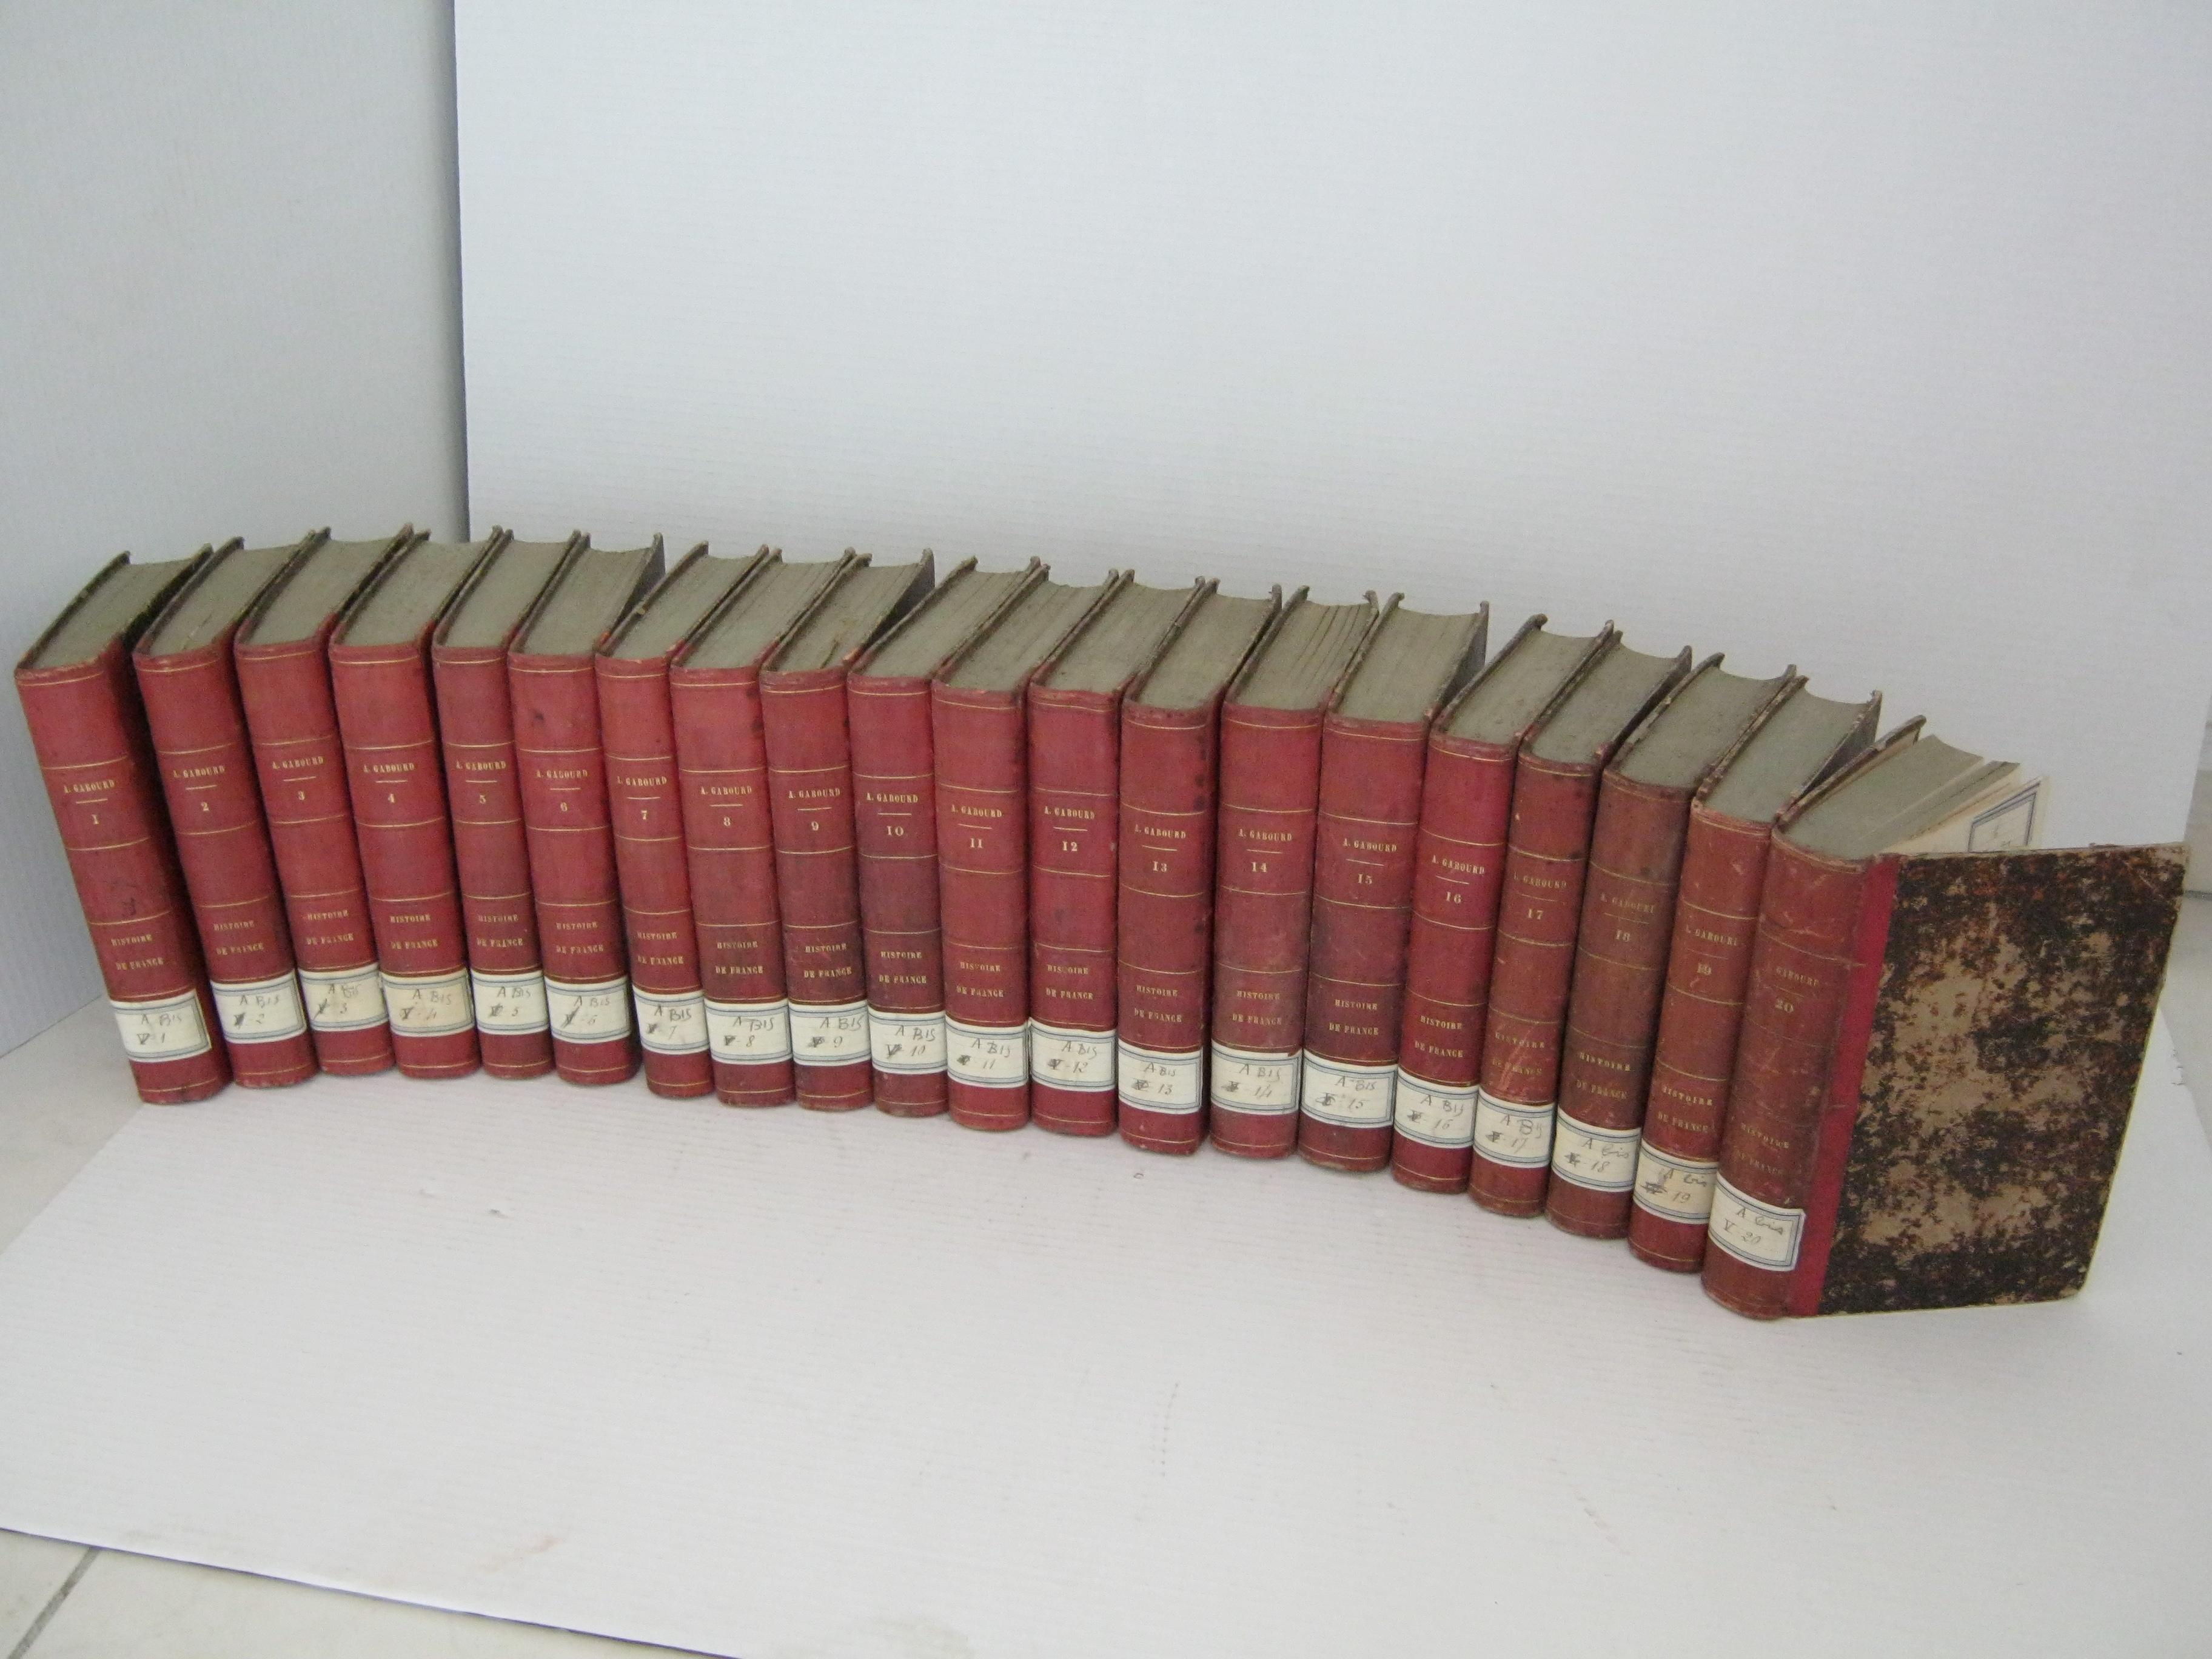 HISTOIRE DE FRANCE DEPUIS LES ORIGINES GAULOISES JUSQU'A NOS JOURS. 20 TOMES.